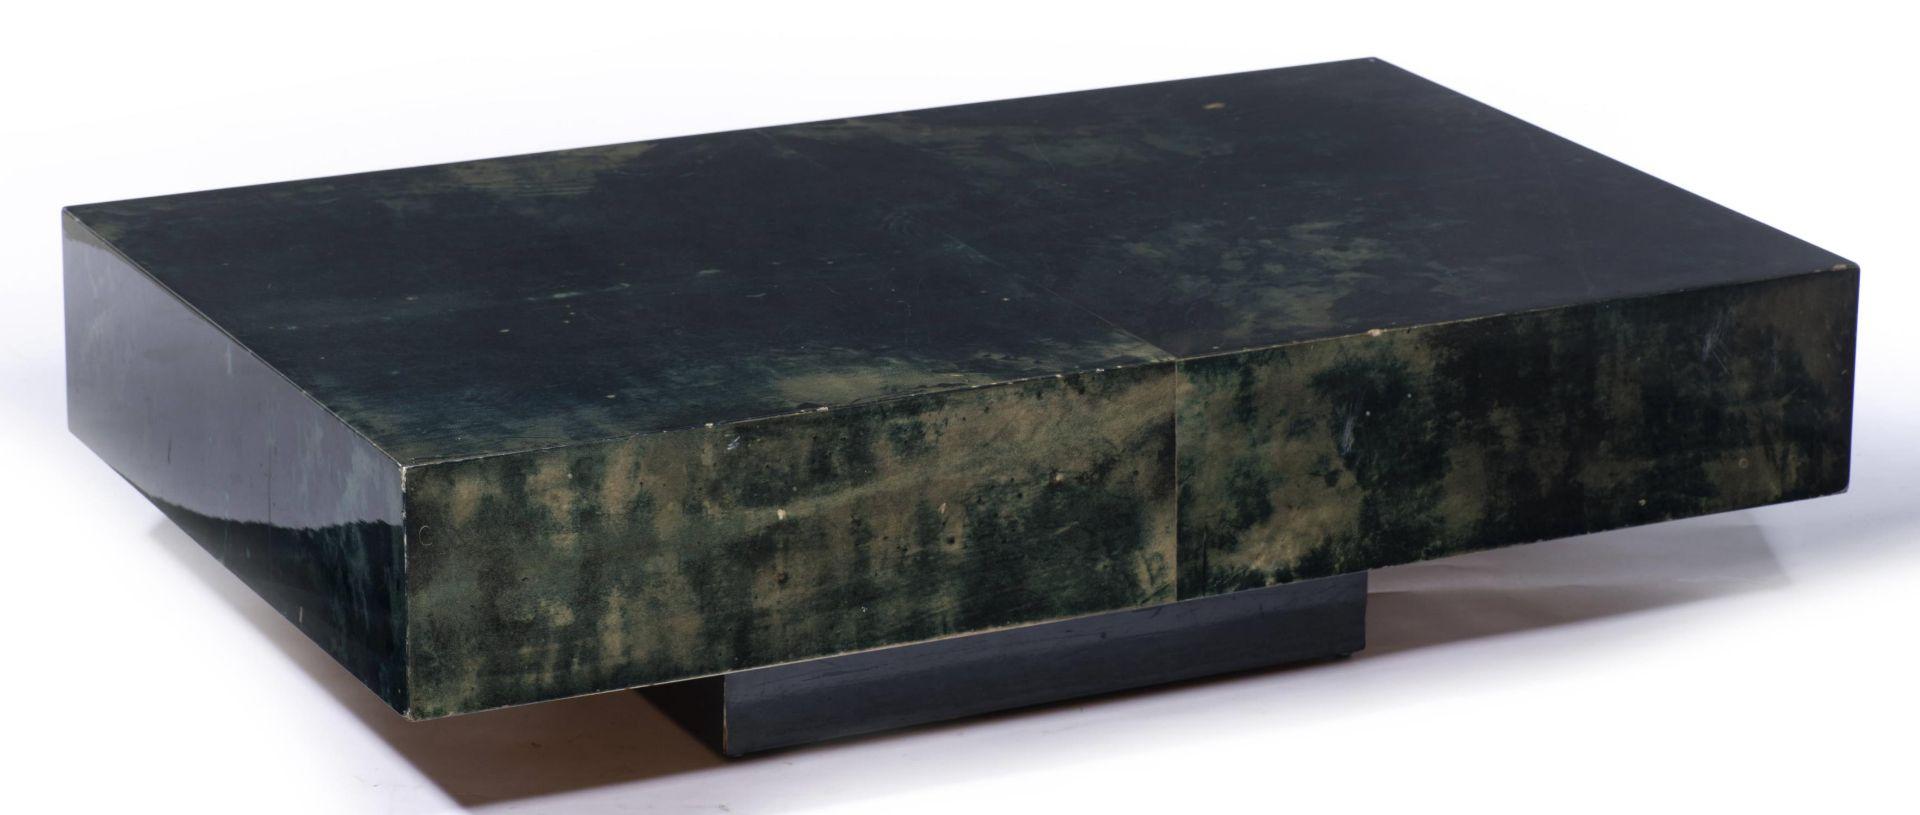 Aldo Tura (1909-1963), table basse modèle 2052